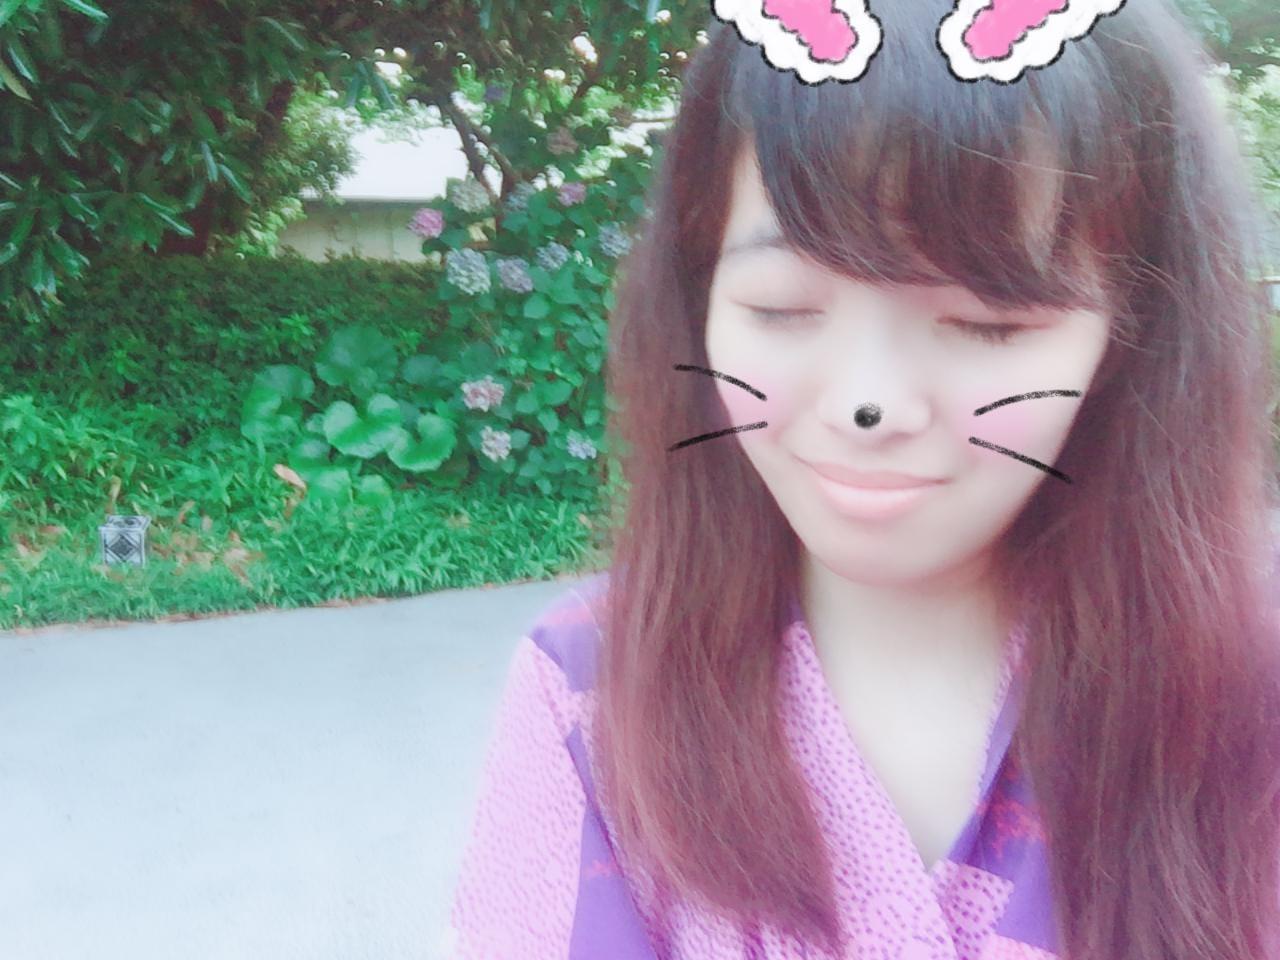 「たいきしてます!」07/03(07/03) 13:06   りょうの写メ・風俗動画